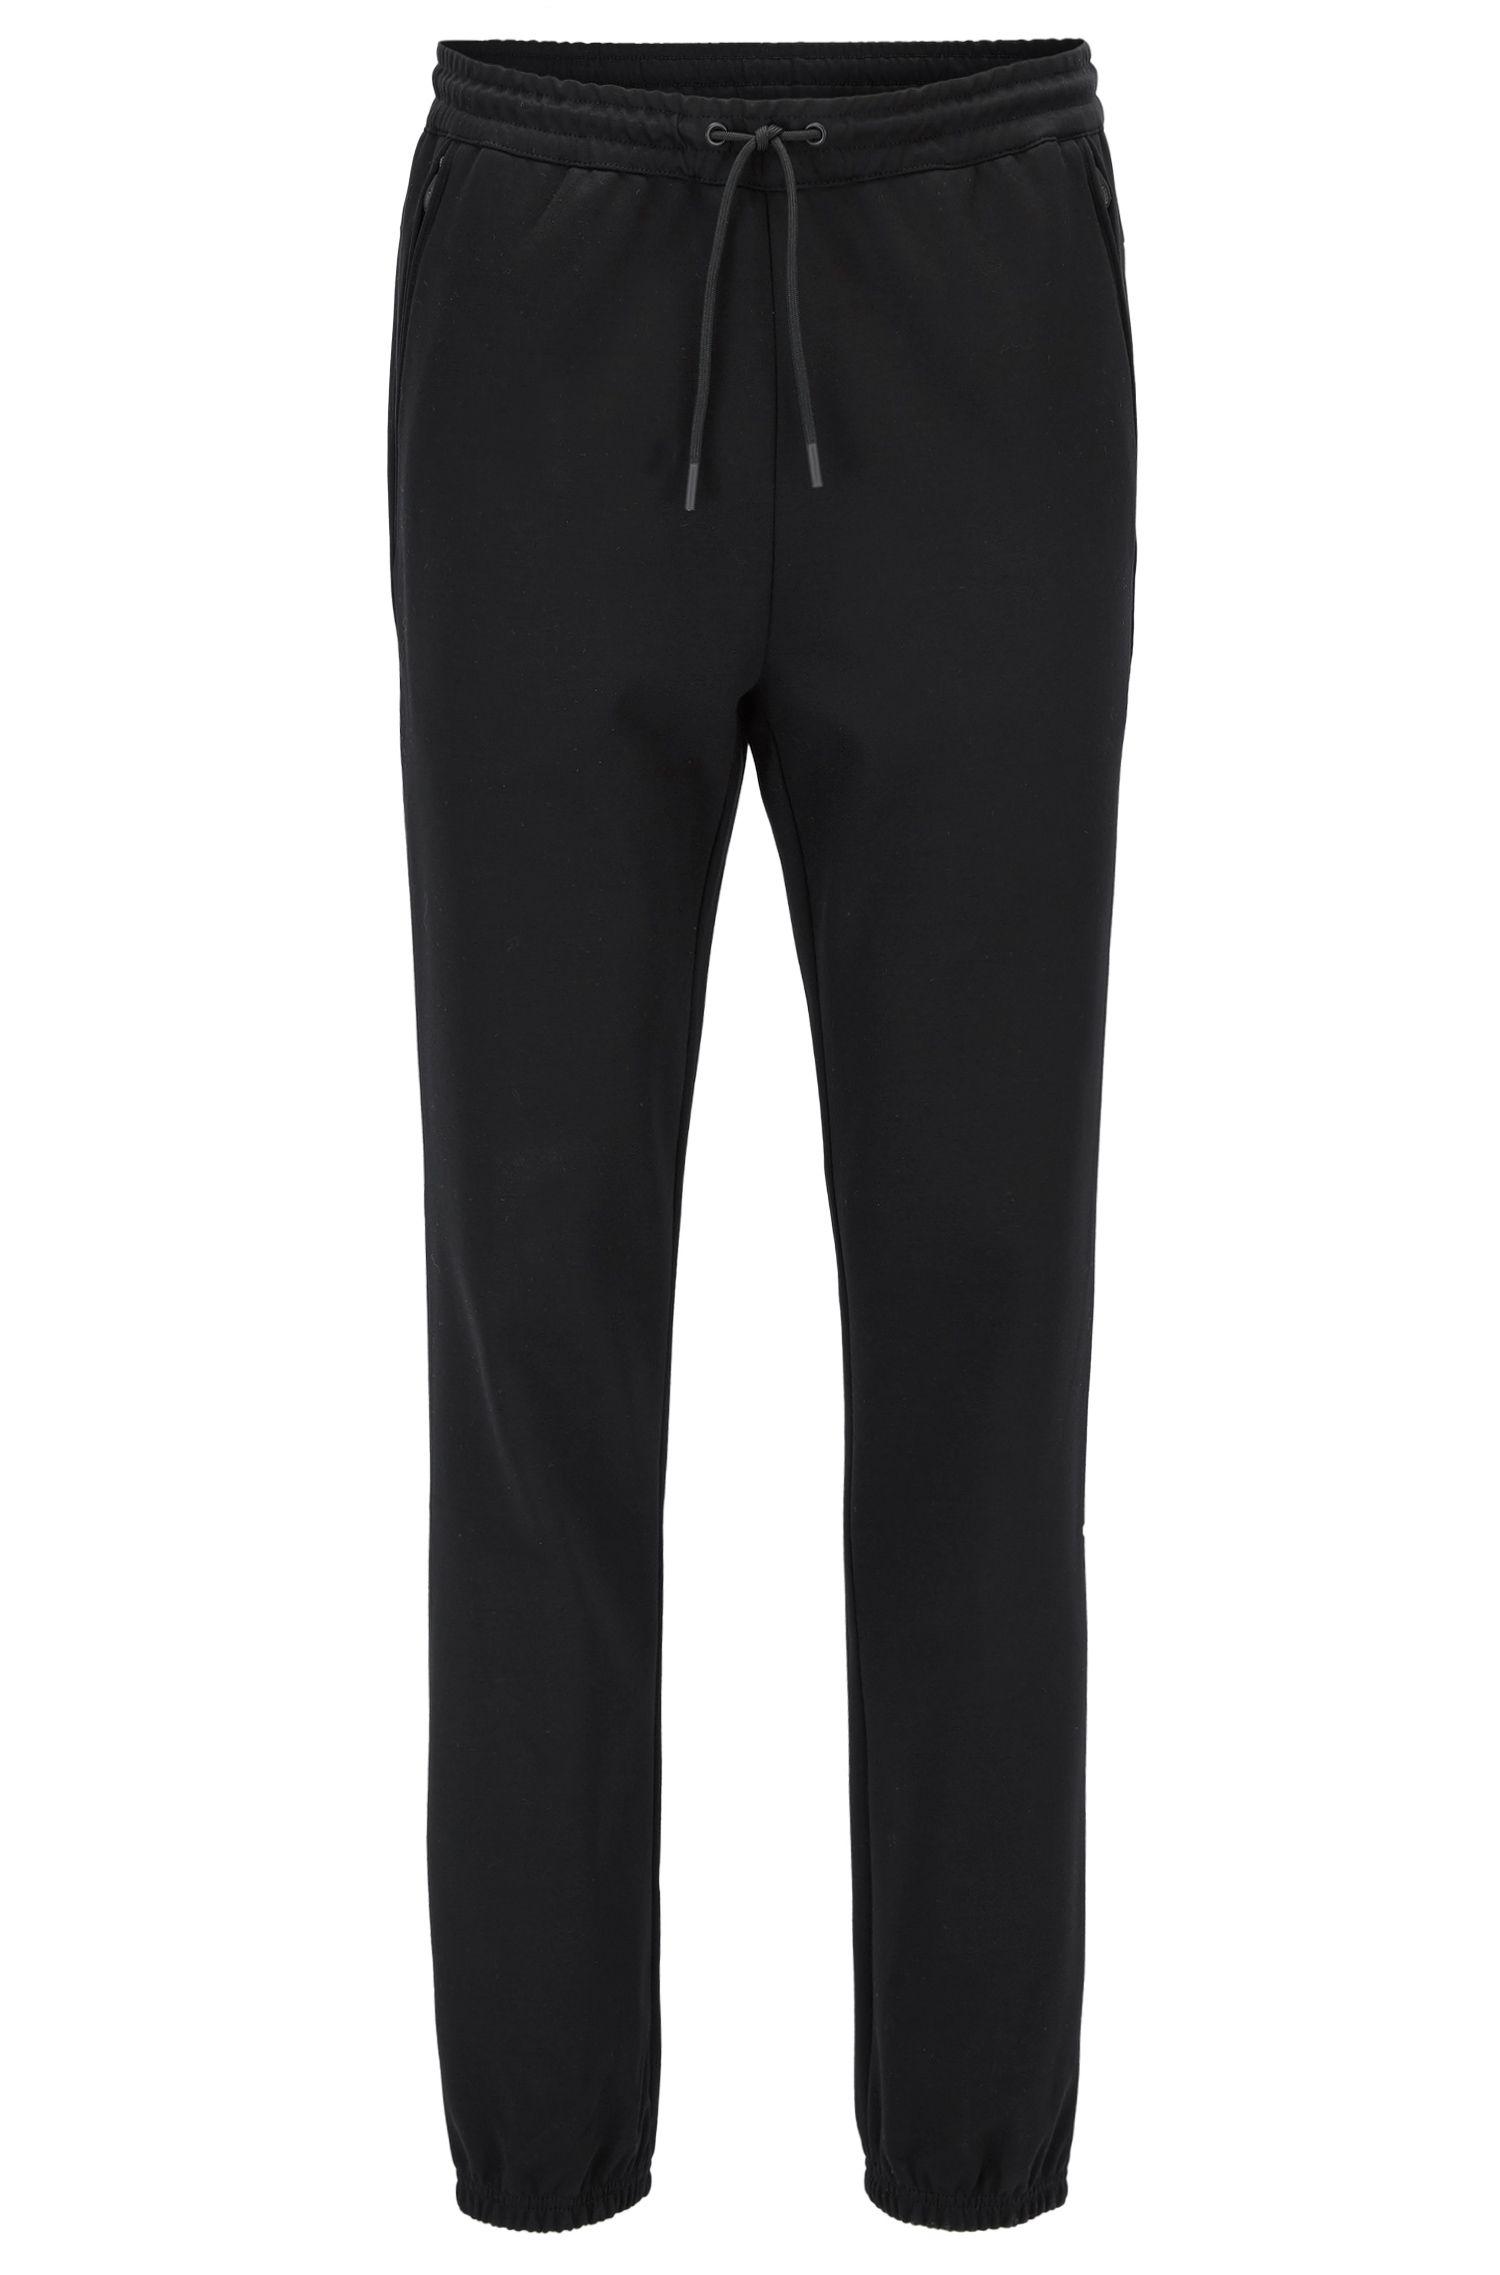 Pantaloni slim fit in misto cotone idrorepellente